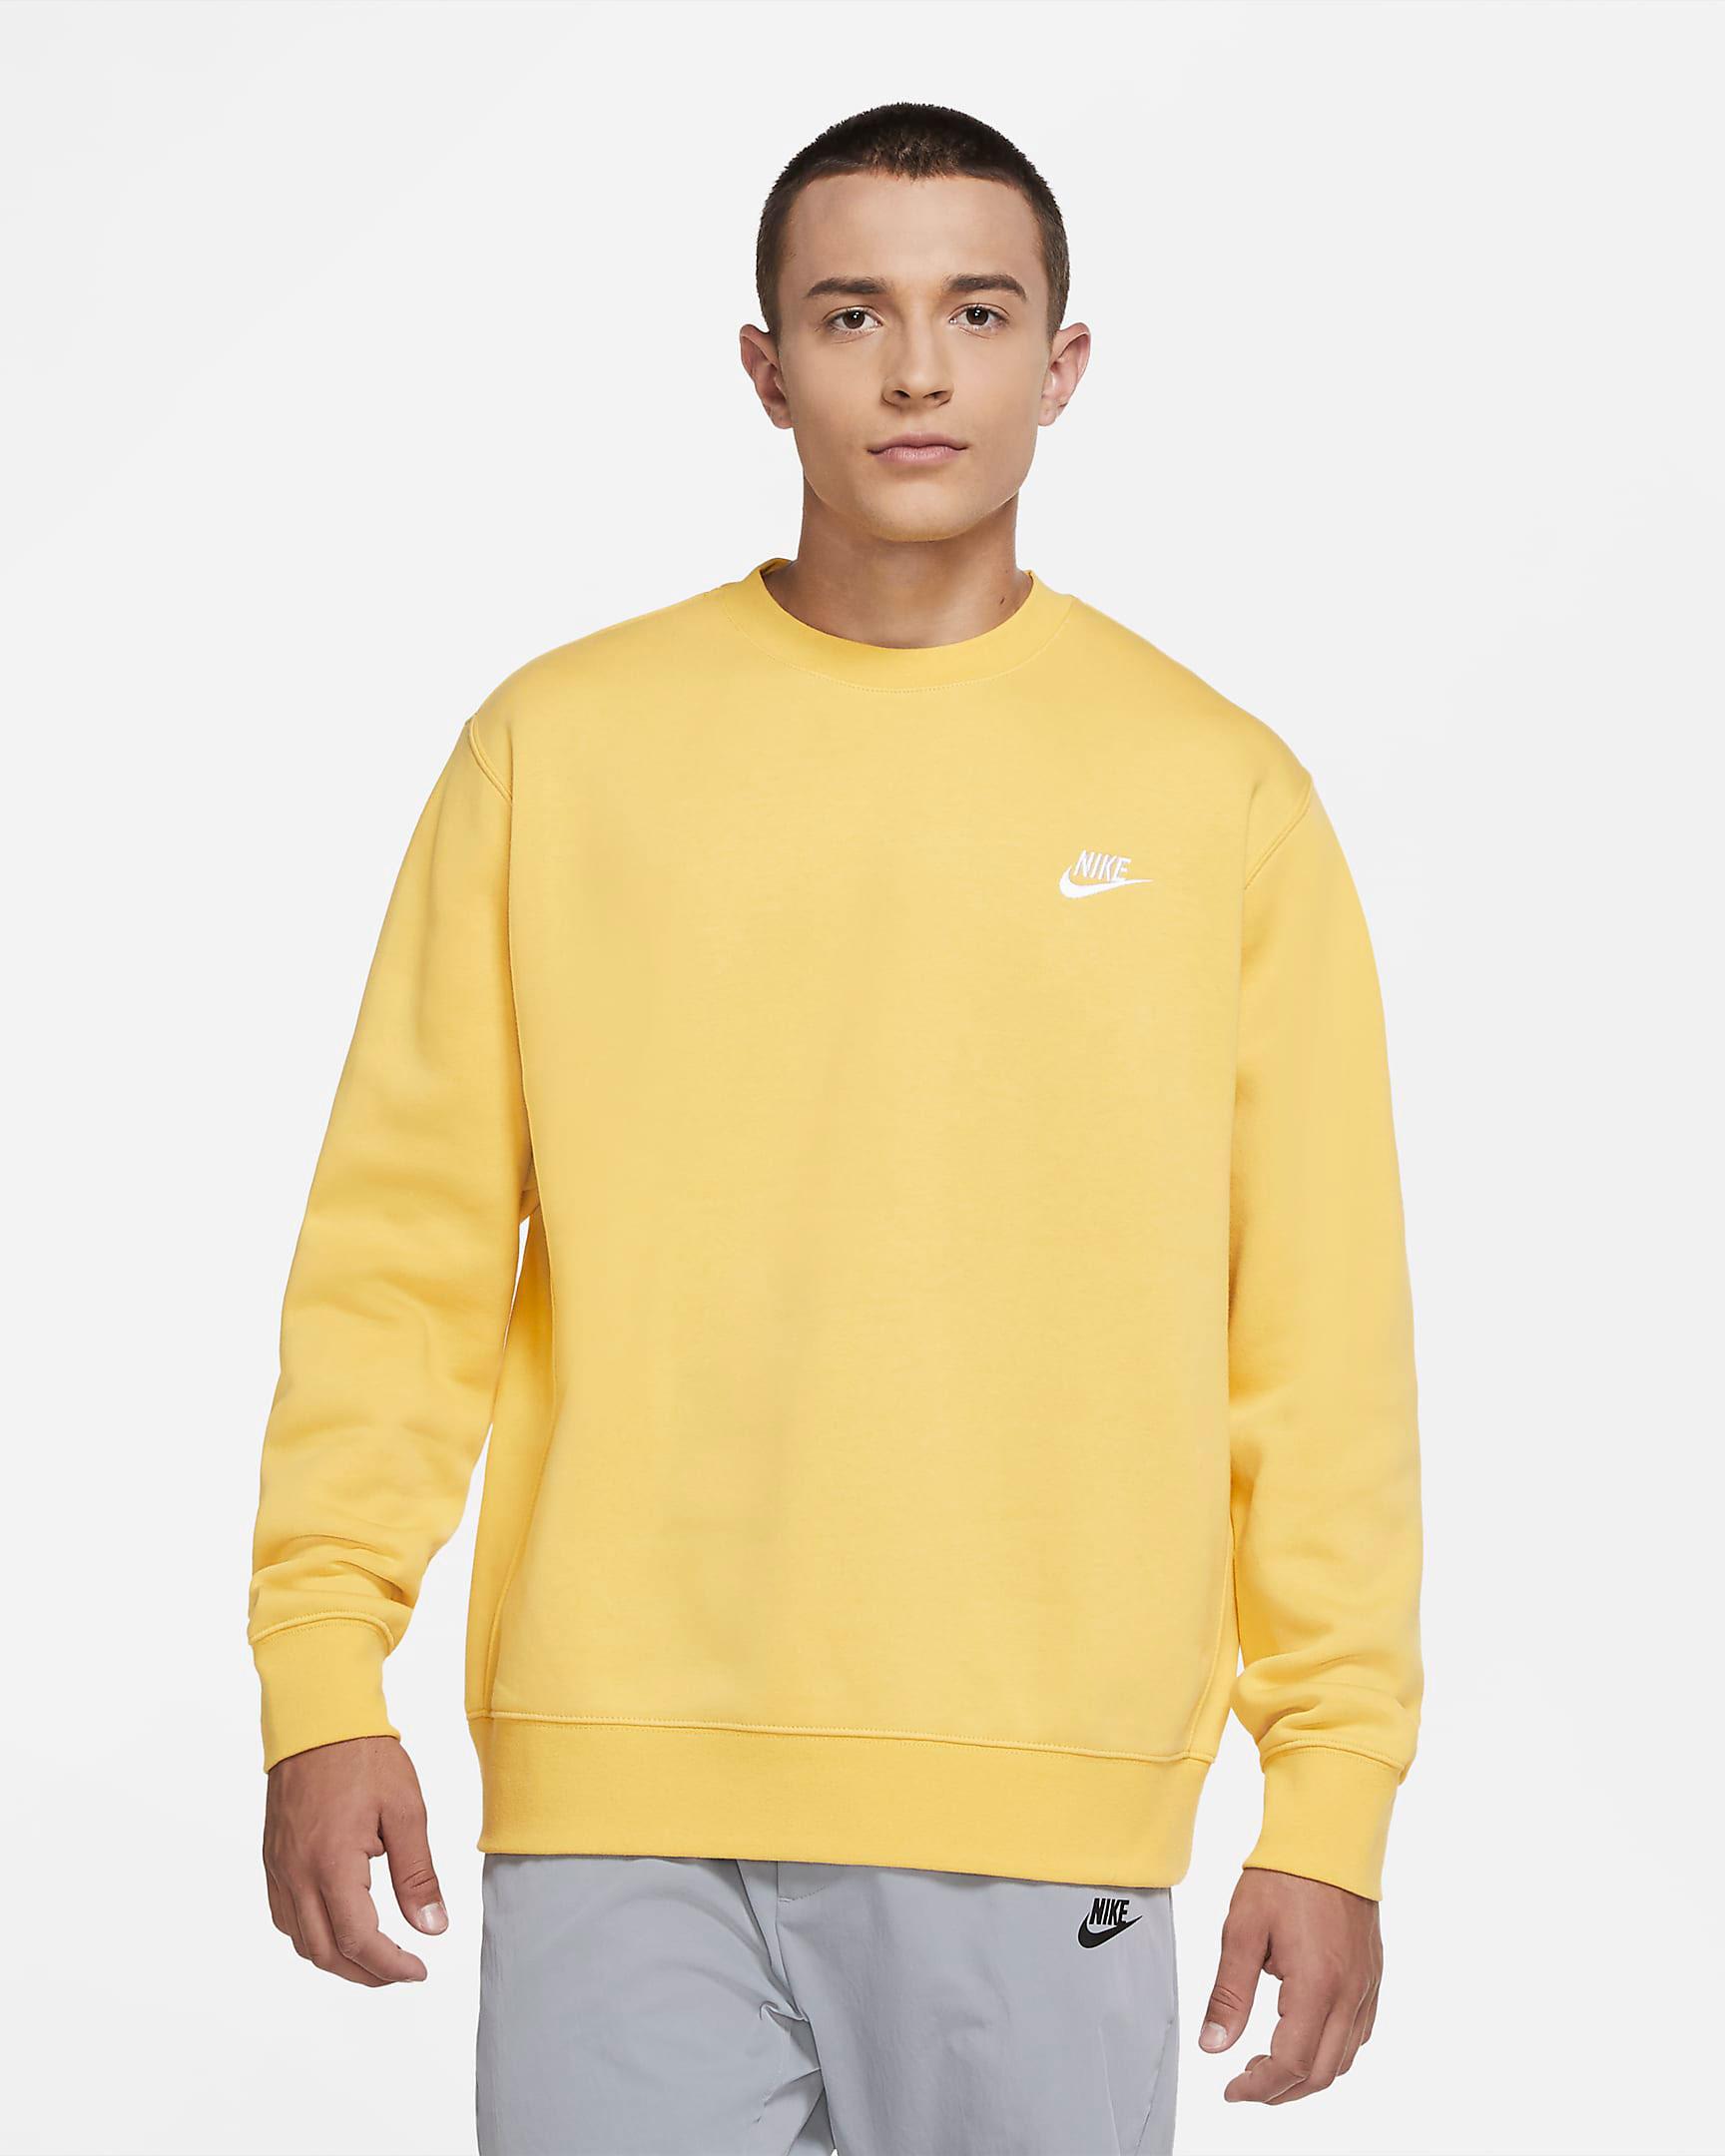 nike-air-max-1-lemonade-crew-sweatshirt